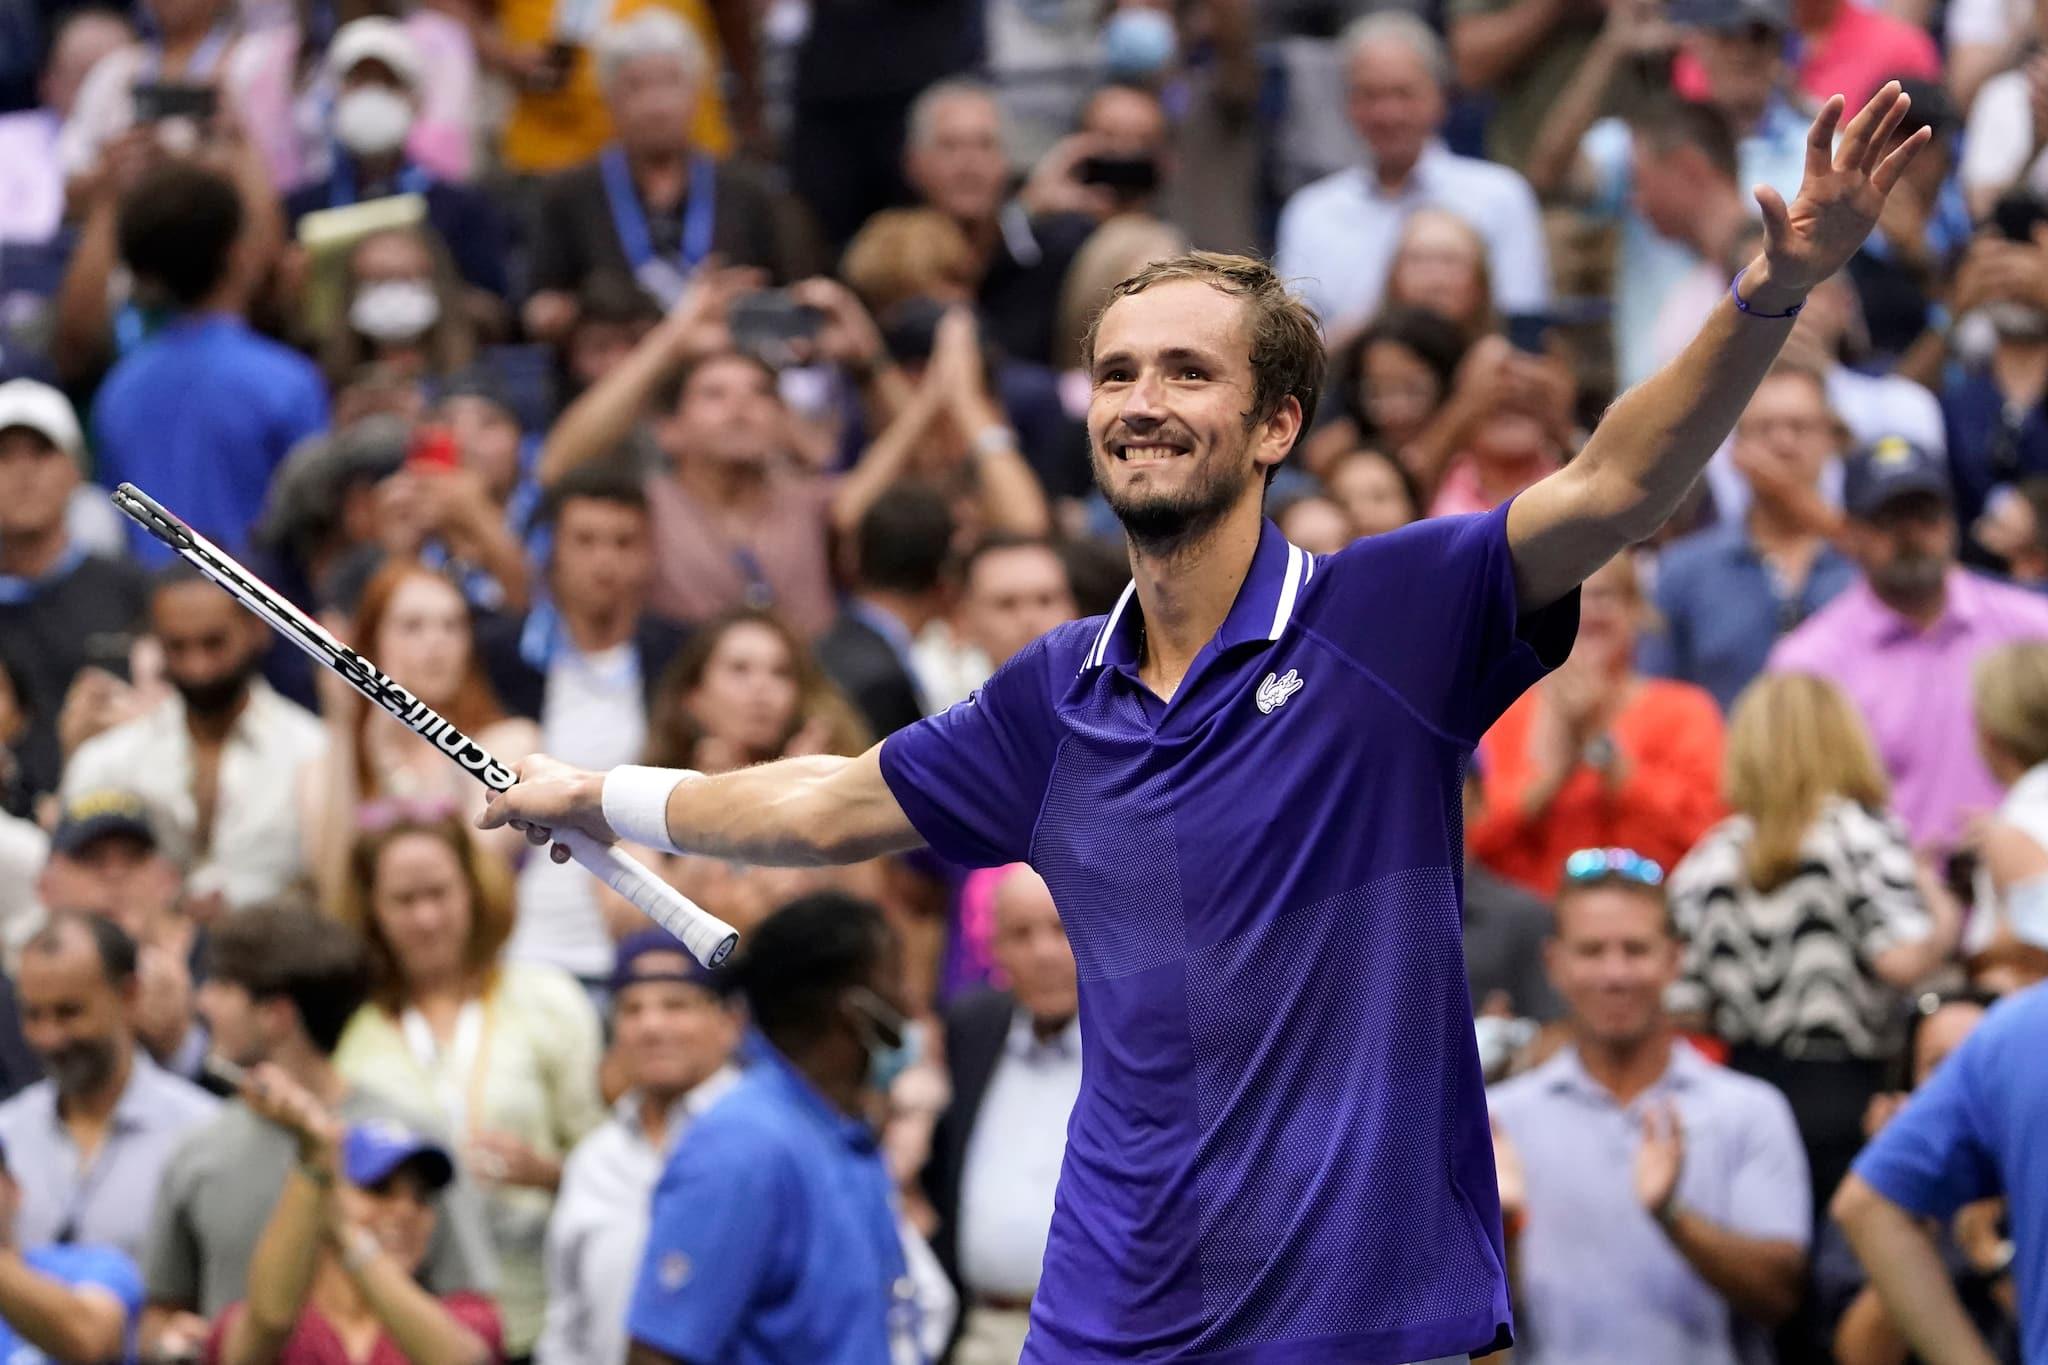 Djokovic vs Medvedev   US Open 2021 Final: Medvedev upsets Djokovic to lift US Open